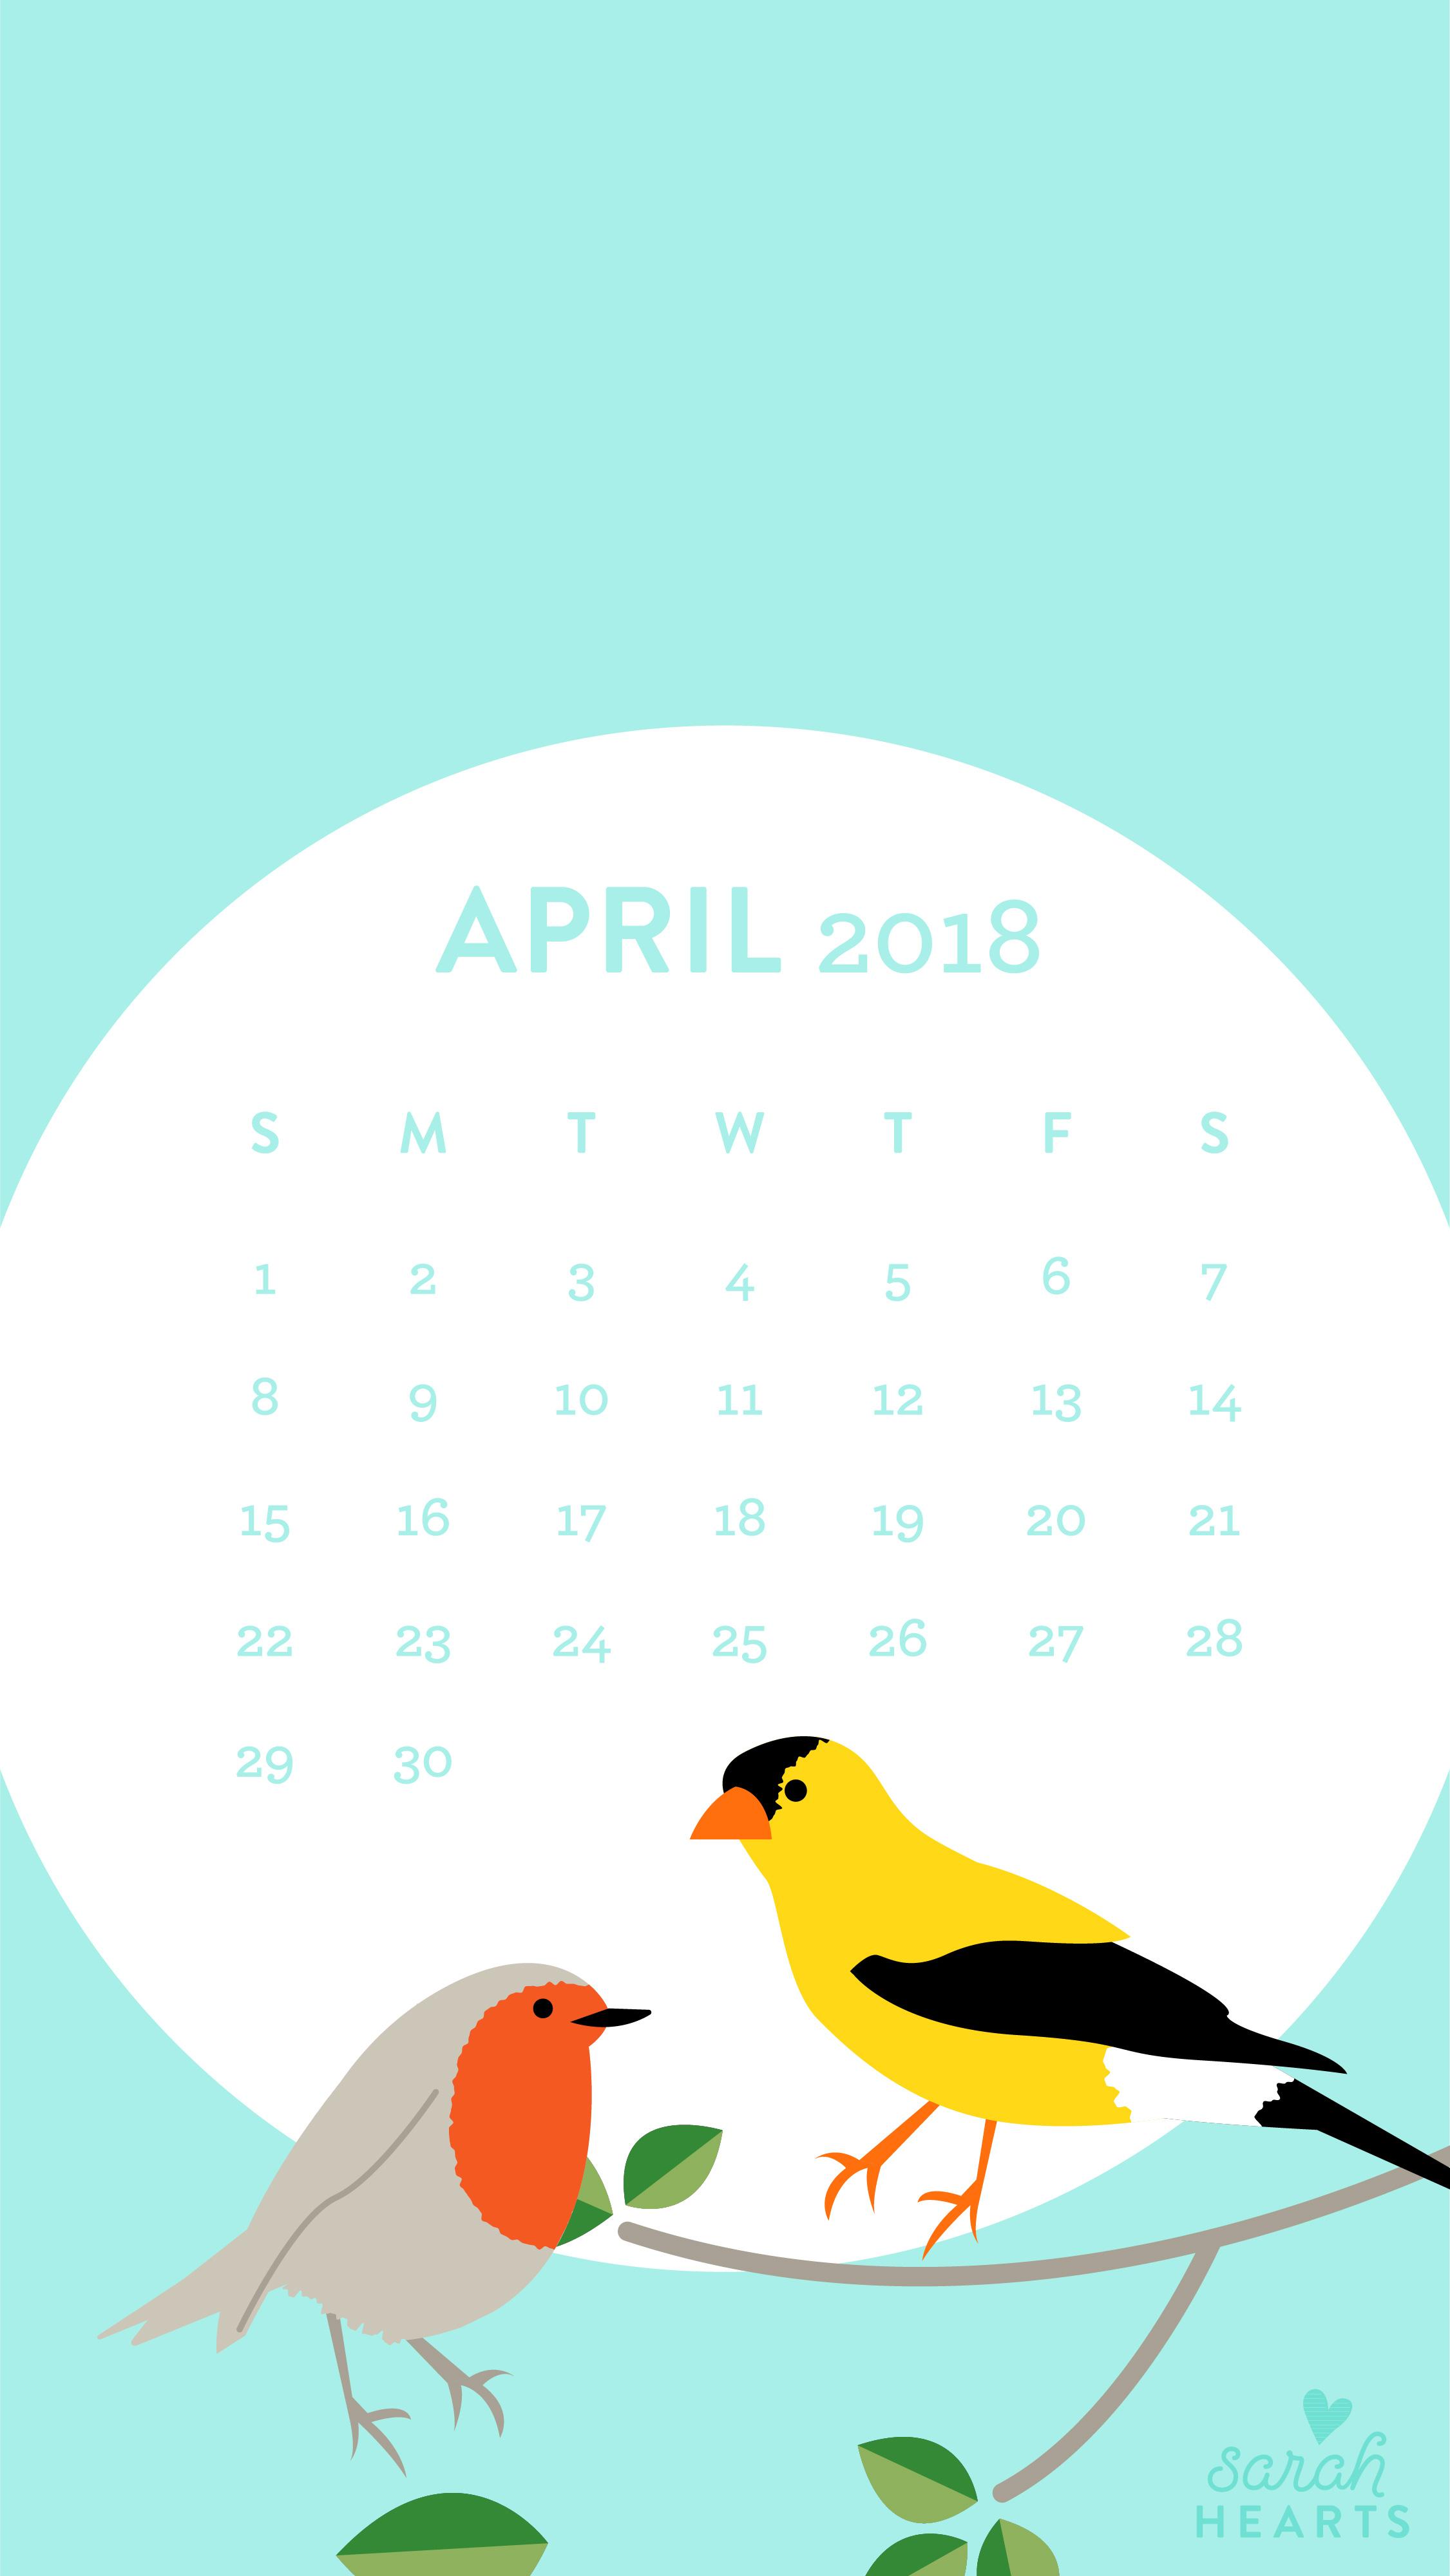 April 2018 Bird Calendar Wallpaper   Sarah Hearts 2251x4000